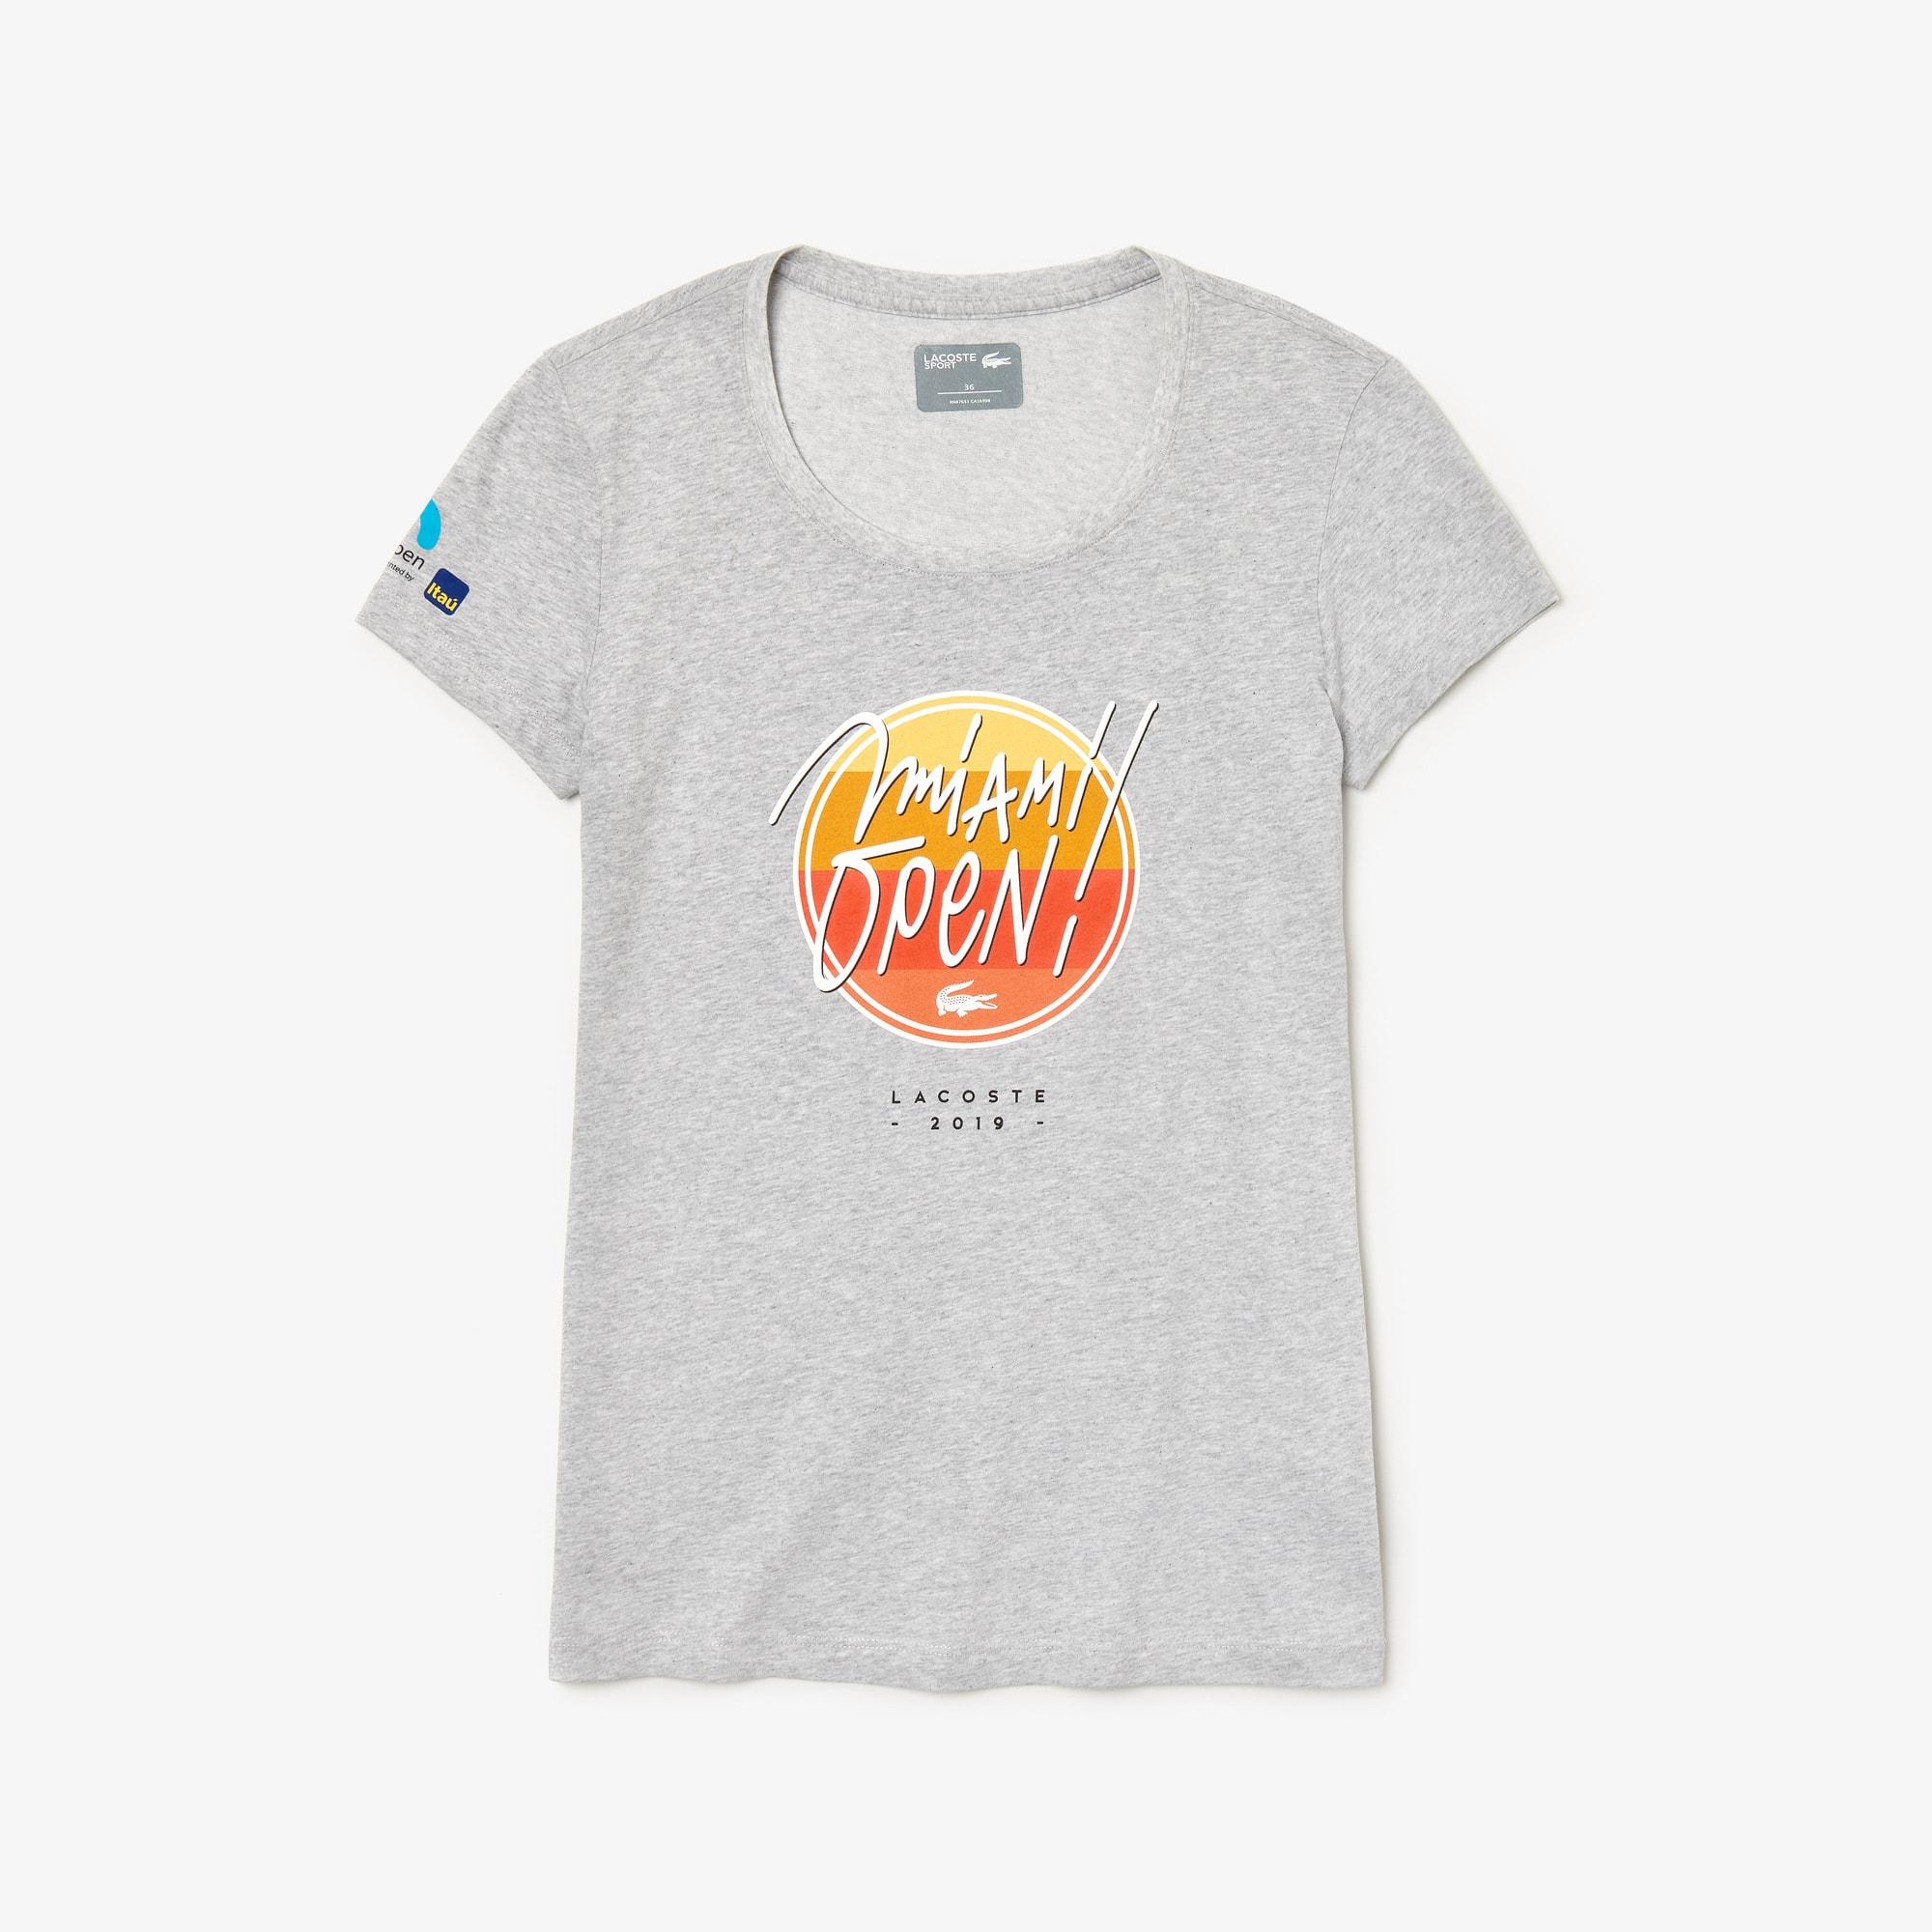 라코스테 우먼 스포츠 테니스 반팔 티셔츠, 마이애미 오픈 에디션 Lacoste Womens SPORT Miami Open Edition T-shirt